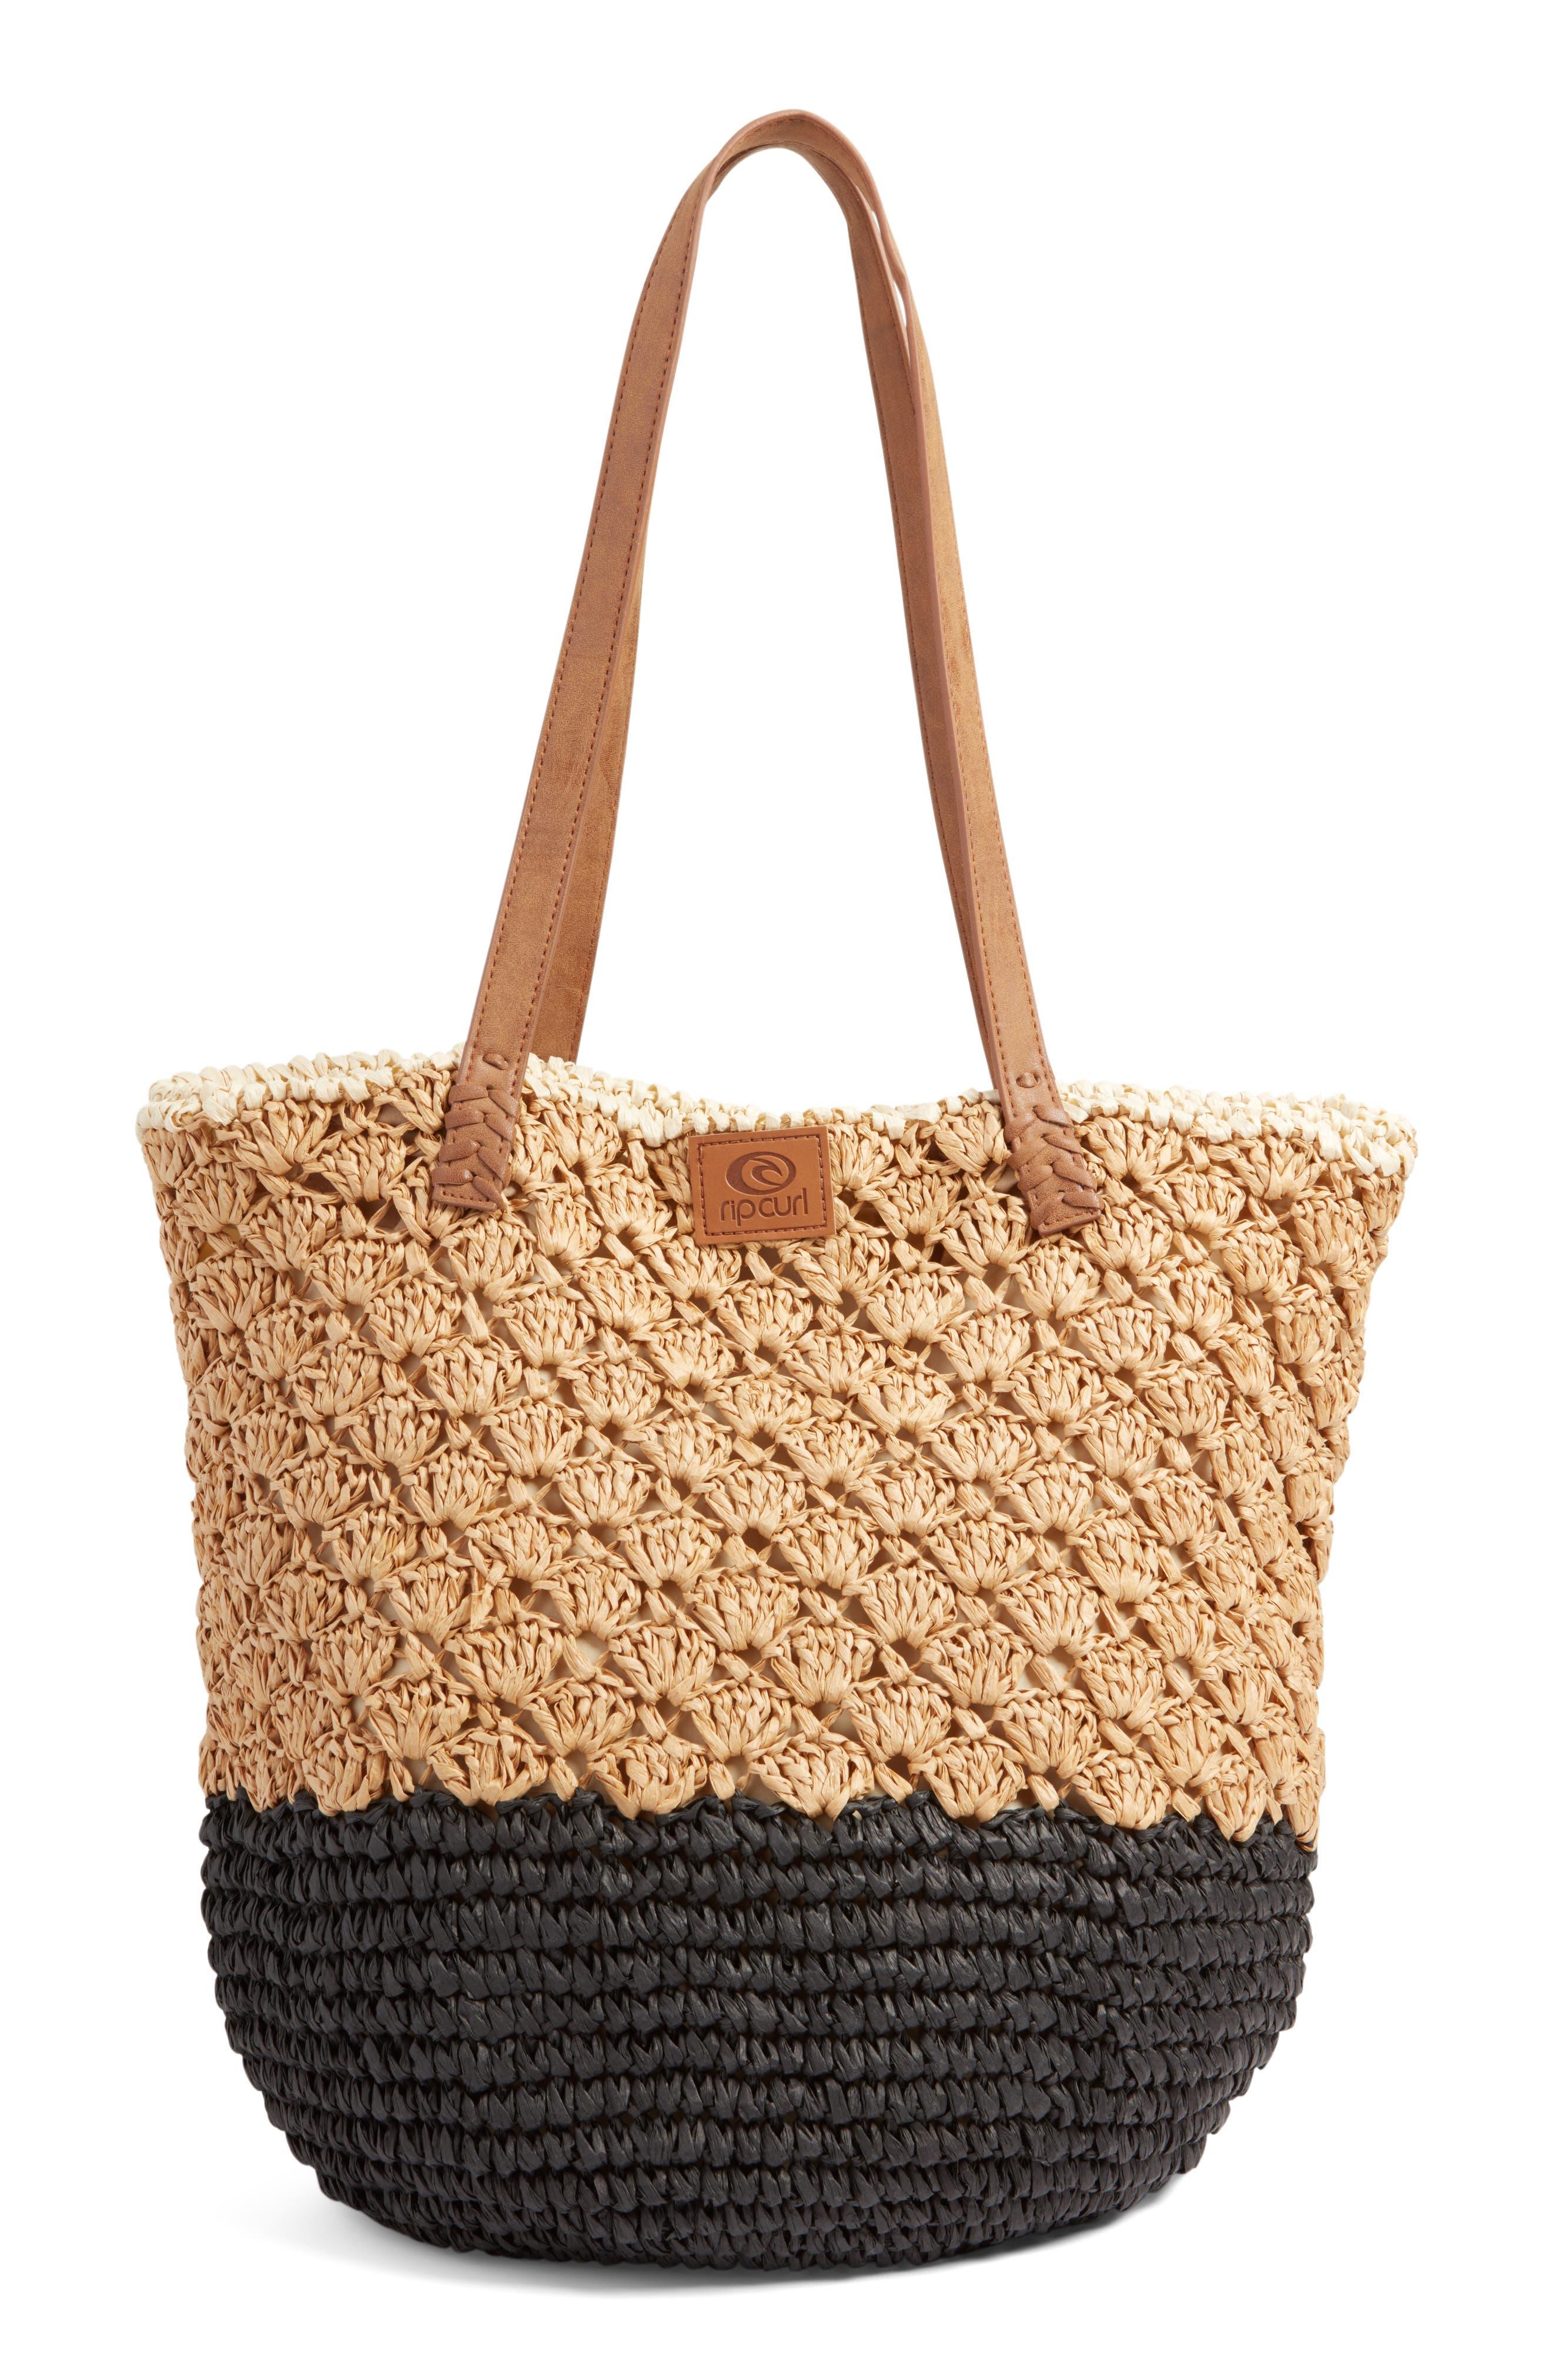 Alternate Image 1 Selected - Rip Curl Beach Bag